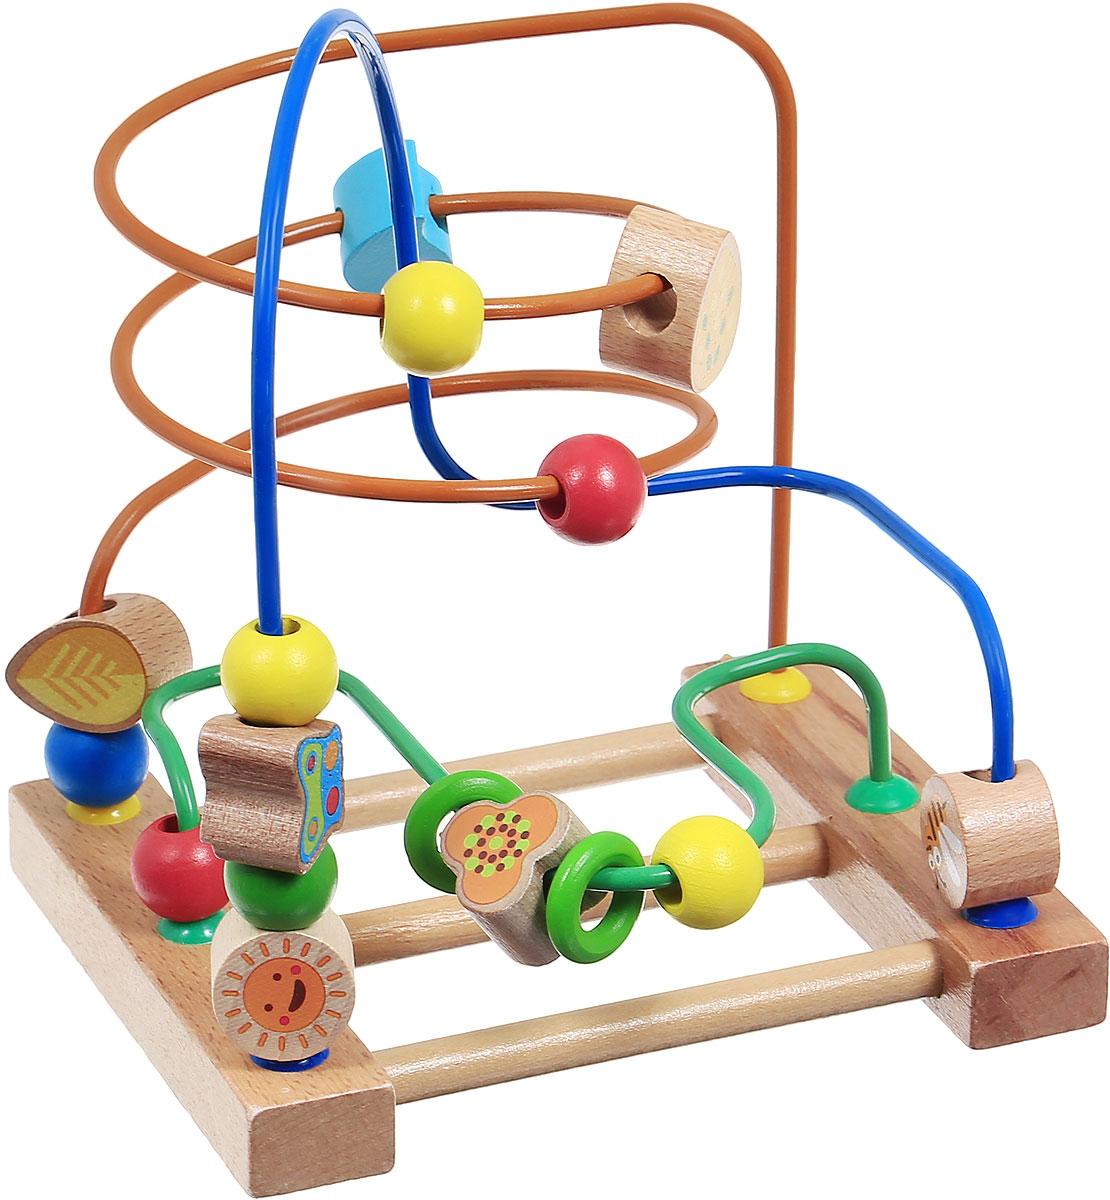 Мир деревянных игрушек Развивающая игра Лабиринт №3 деревянные игрушки мир деревянных игрушек лабиринт лева